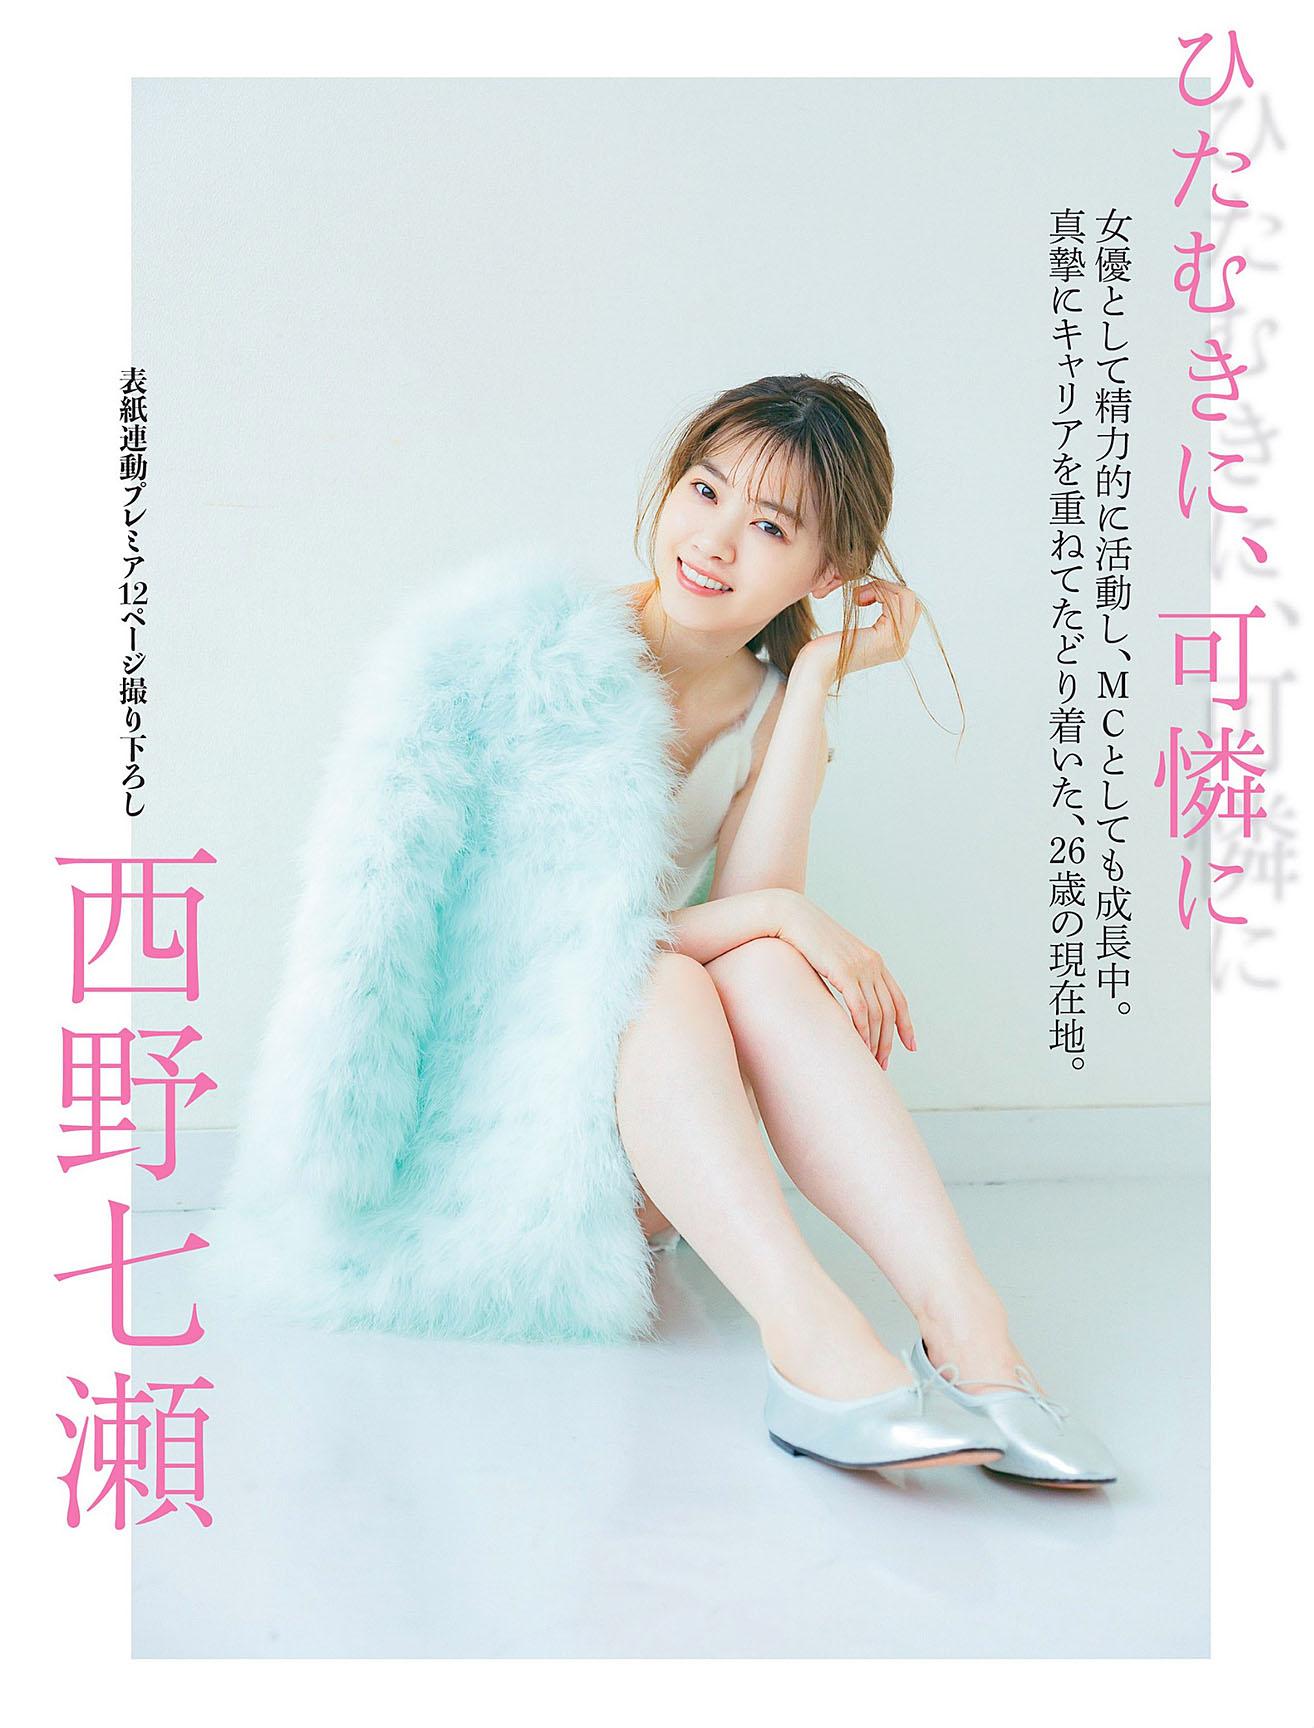 NNishino Flash 210105 02.jpg